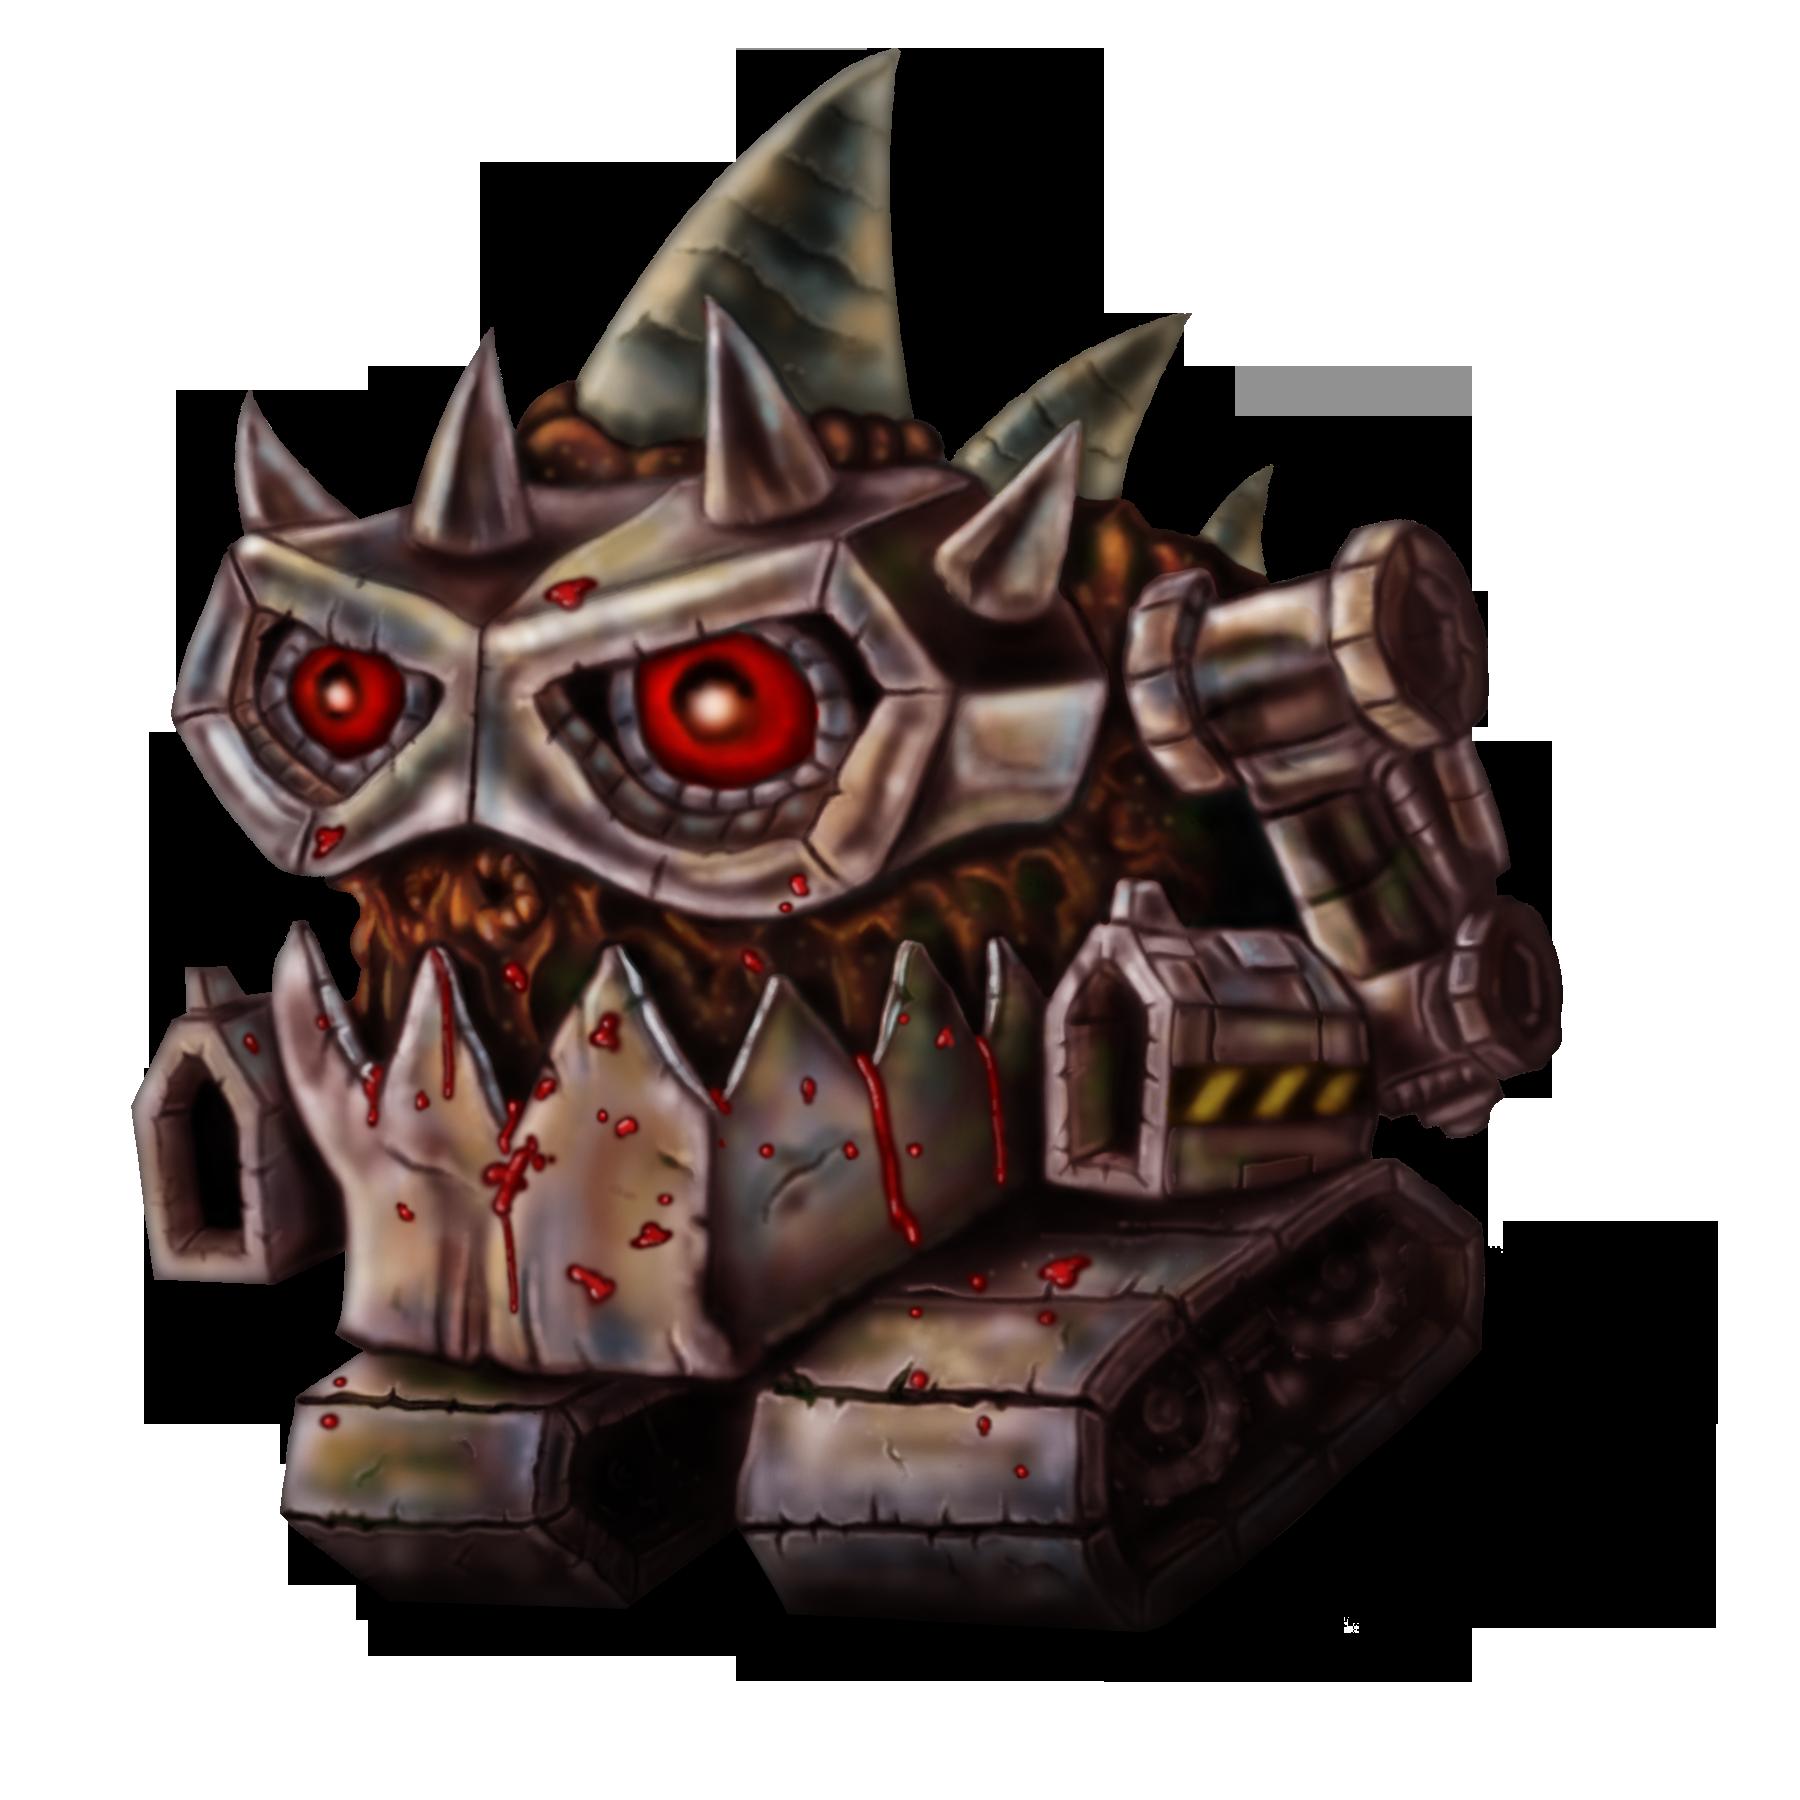 Image D A V E Png Backyard Monsters Wiki Fandom Powered By Wikia